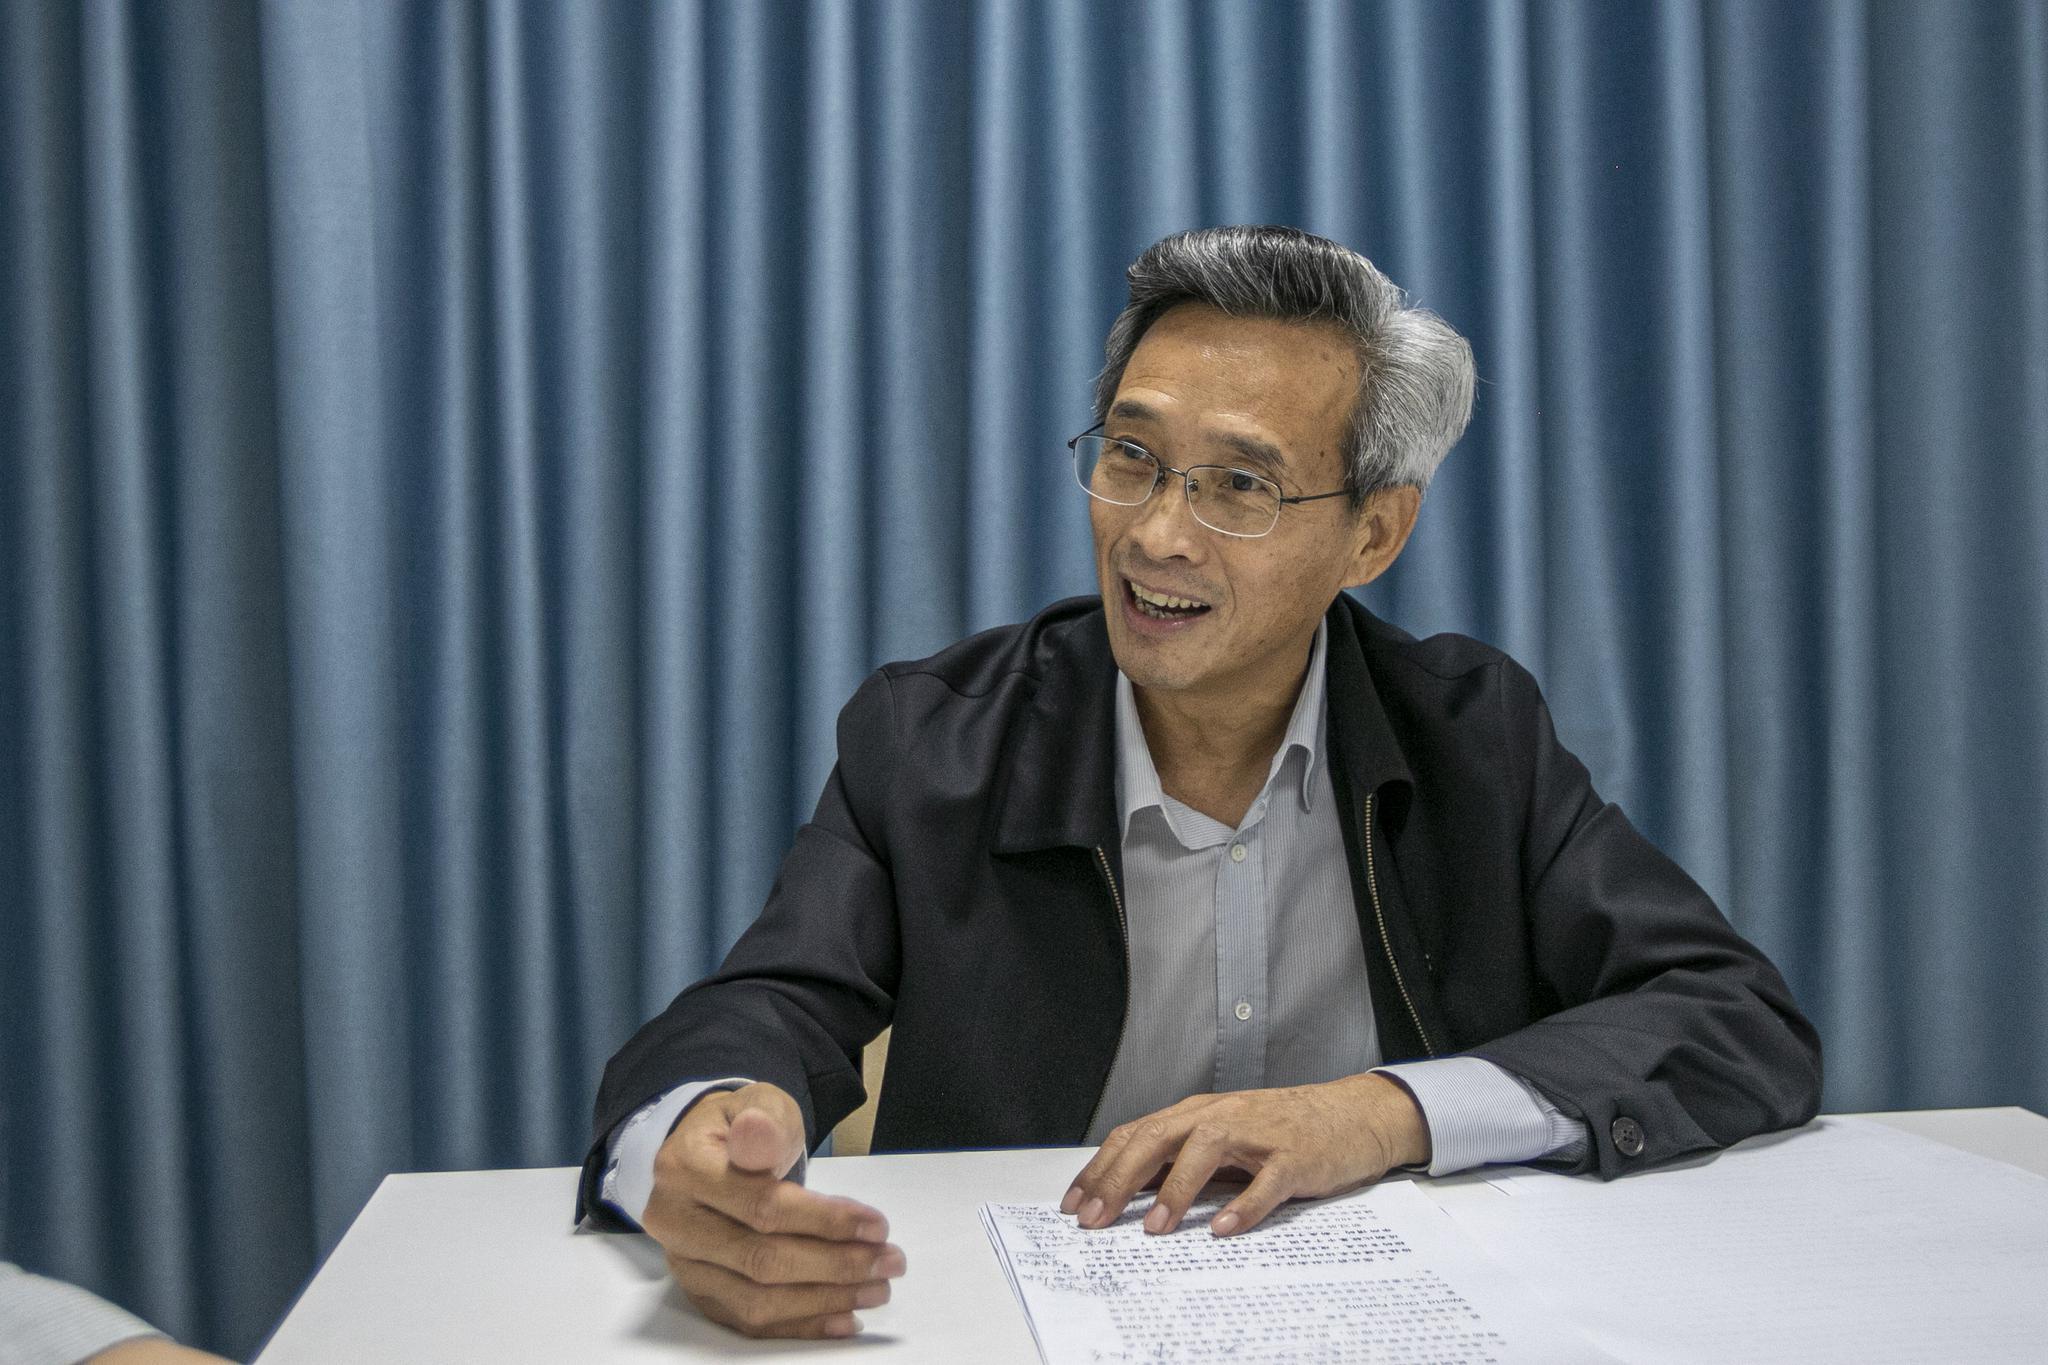 【摩鑫注册】协摩鑫注册会长林松添中国人民愿意与世图片